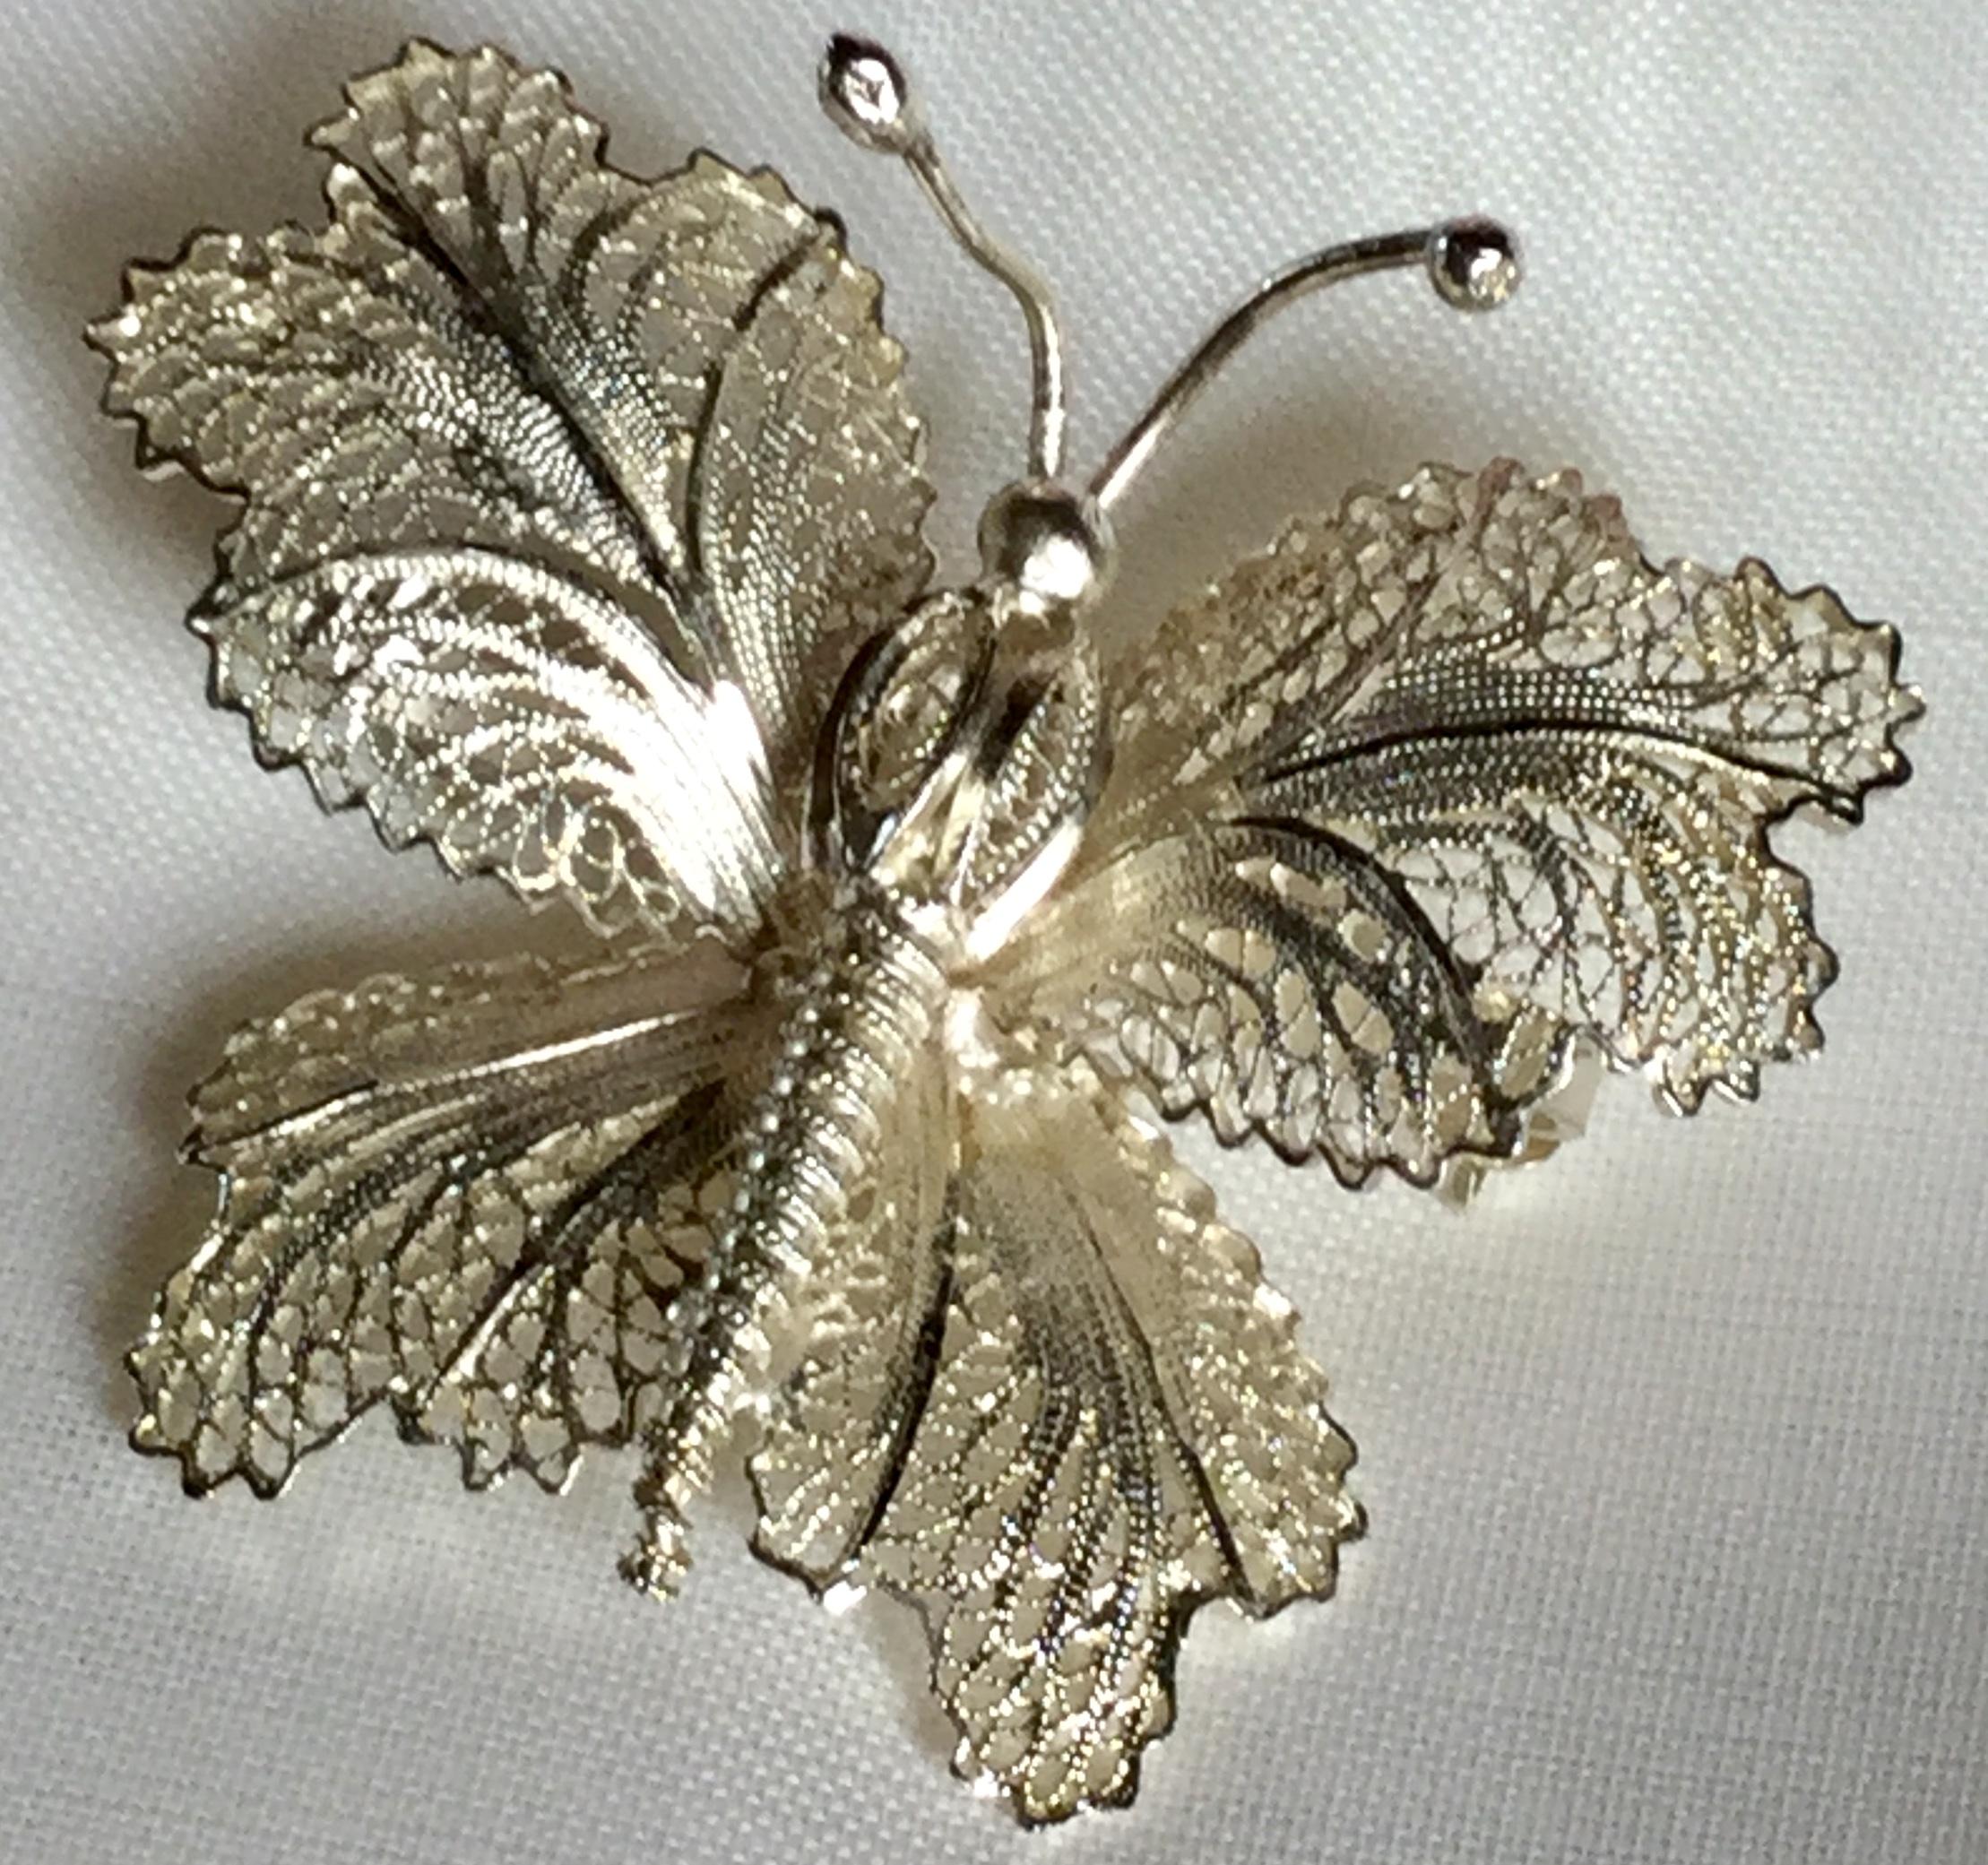 Lot 4 - Vintage Malta Butterfly Brooch Scarf Pin filigree 6.6 grams